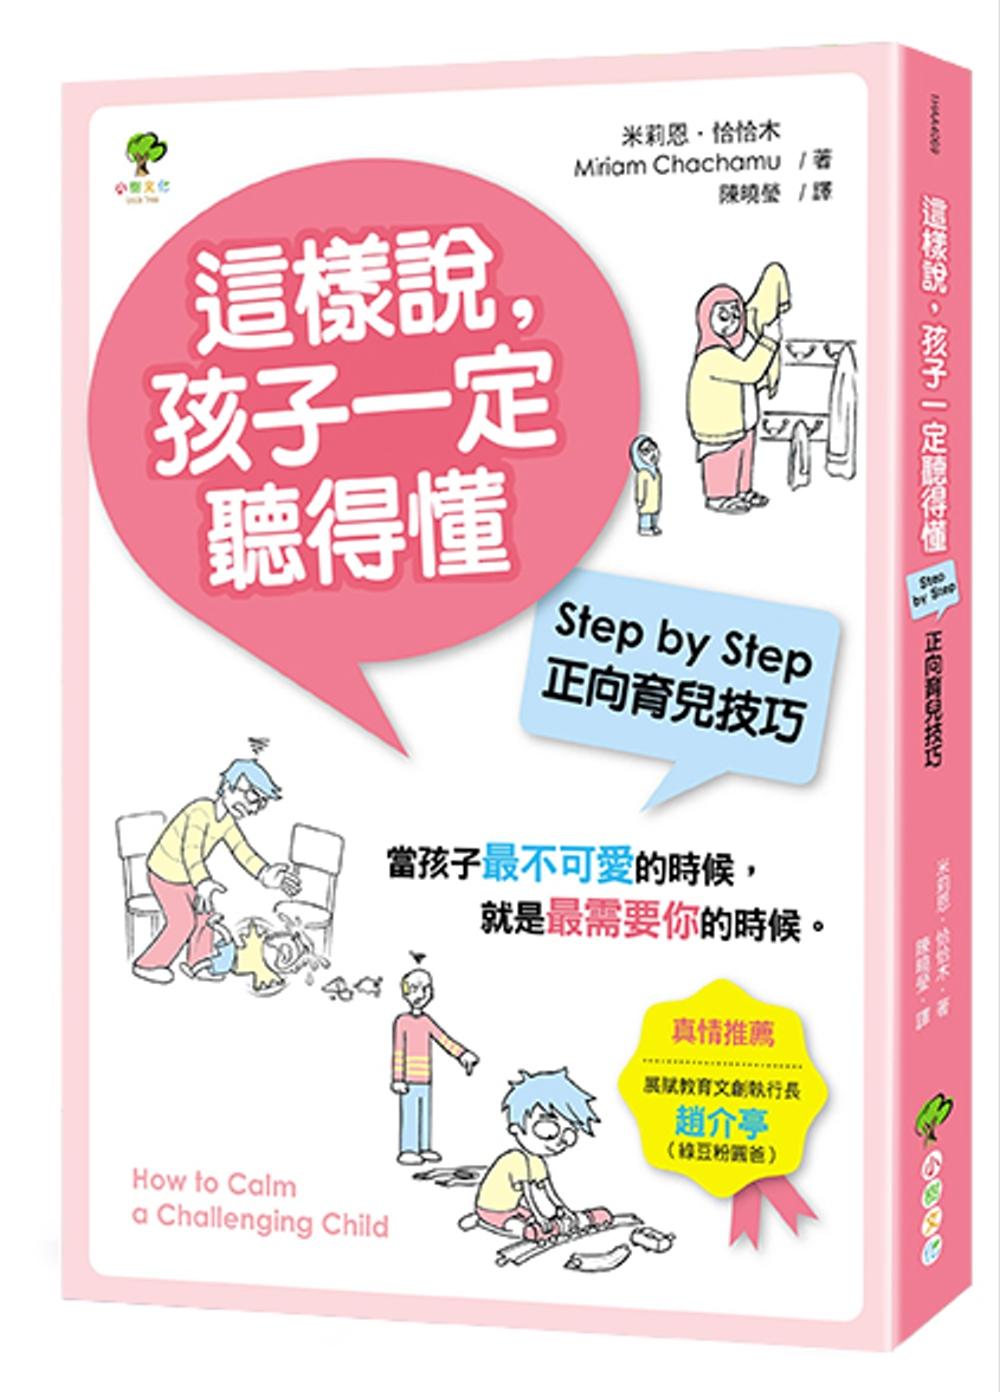 《這樣說,孩子一定聽得懂:Step by Step正向育兒技巧(全新修訂版)》 商品條碼,ISBN:9789865837792